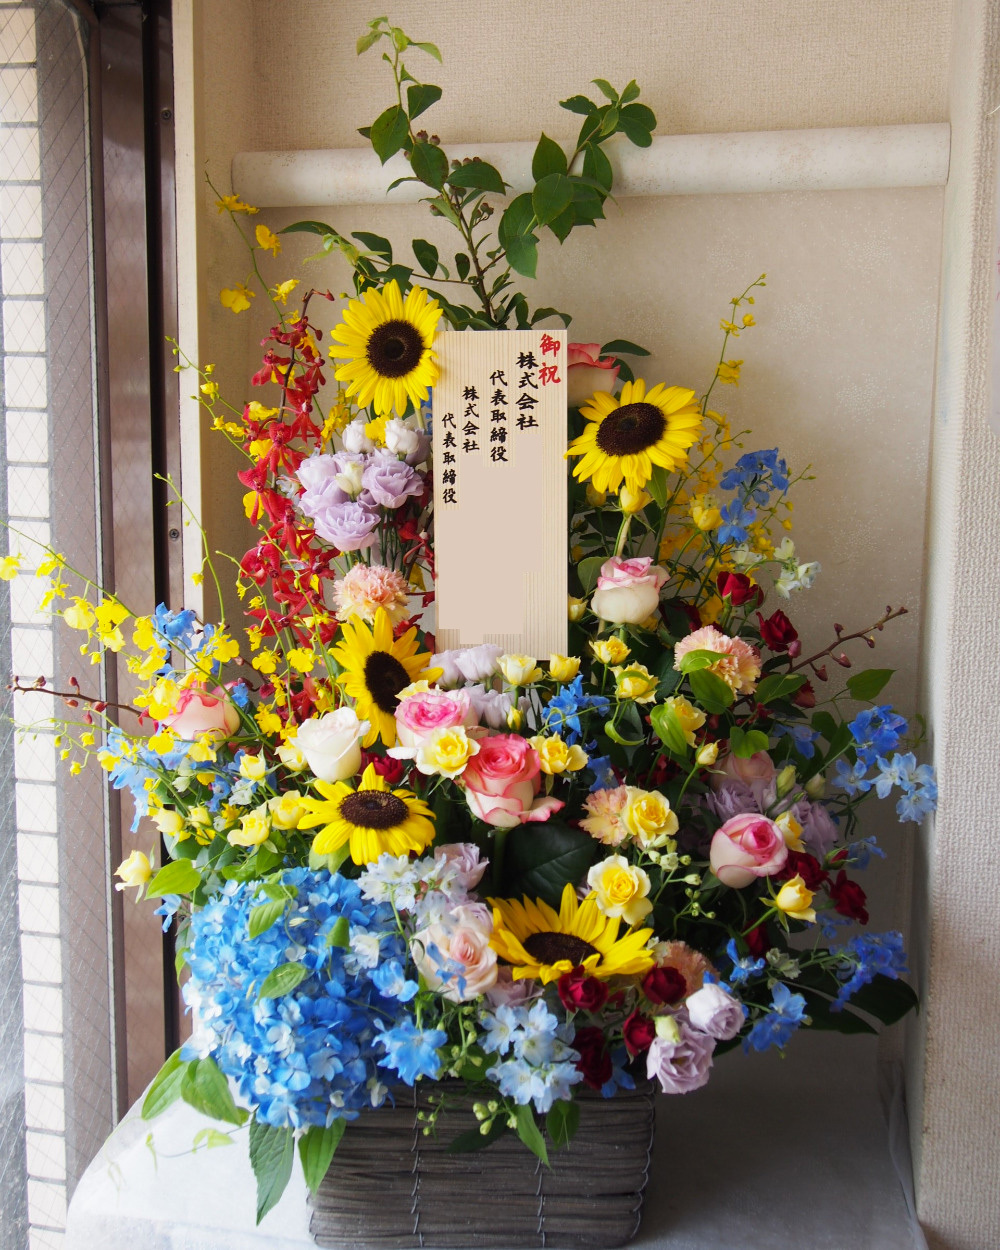 ご移転祝いに贈られたカラフルで華やかな祝い花